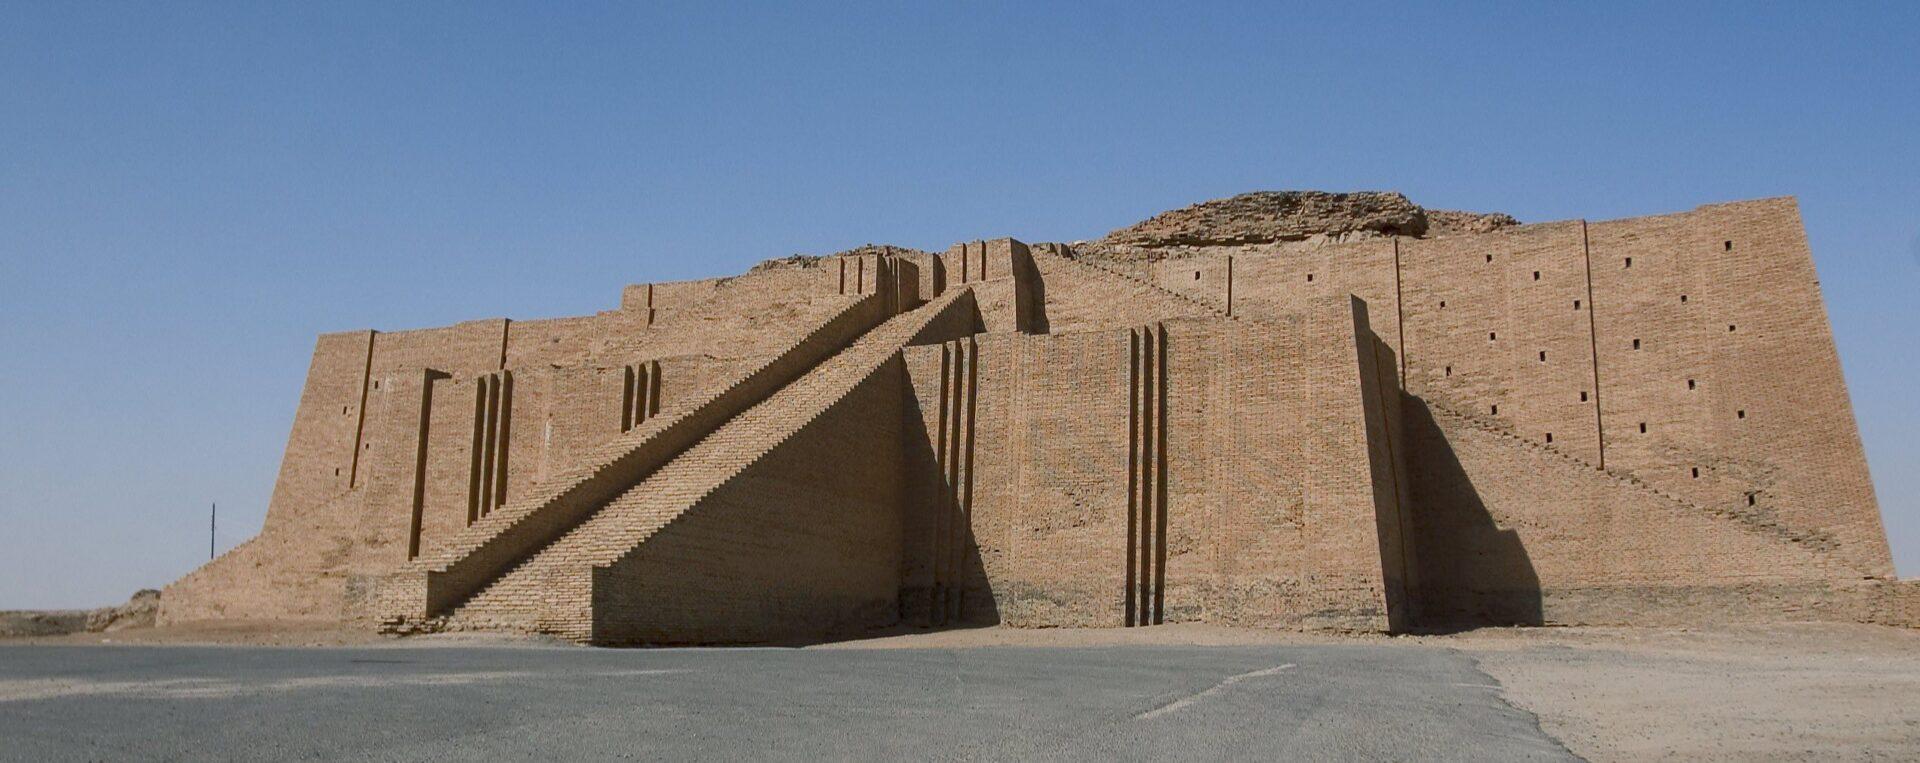 Ziggurat w Ur – świątynia Sumeryjska